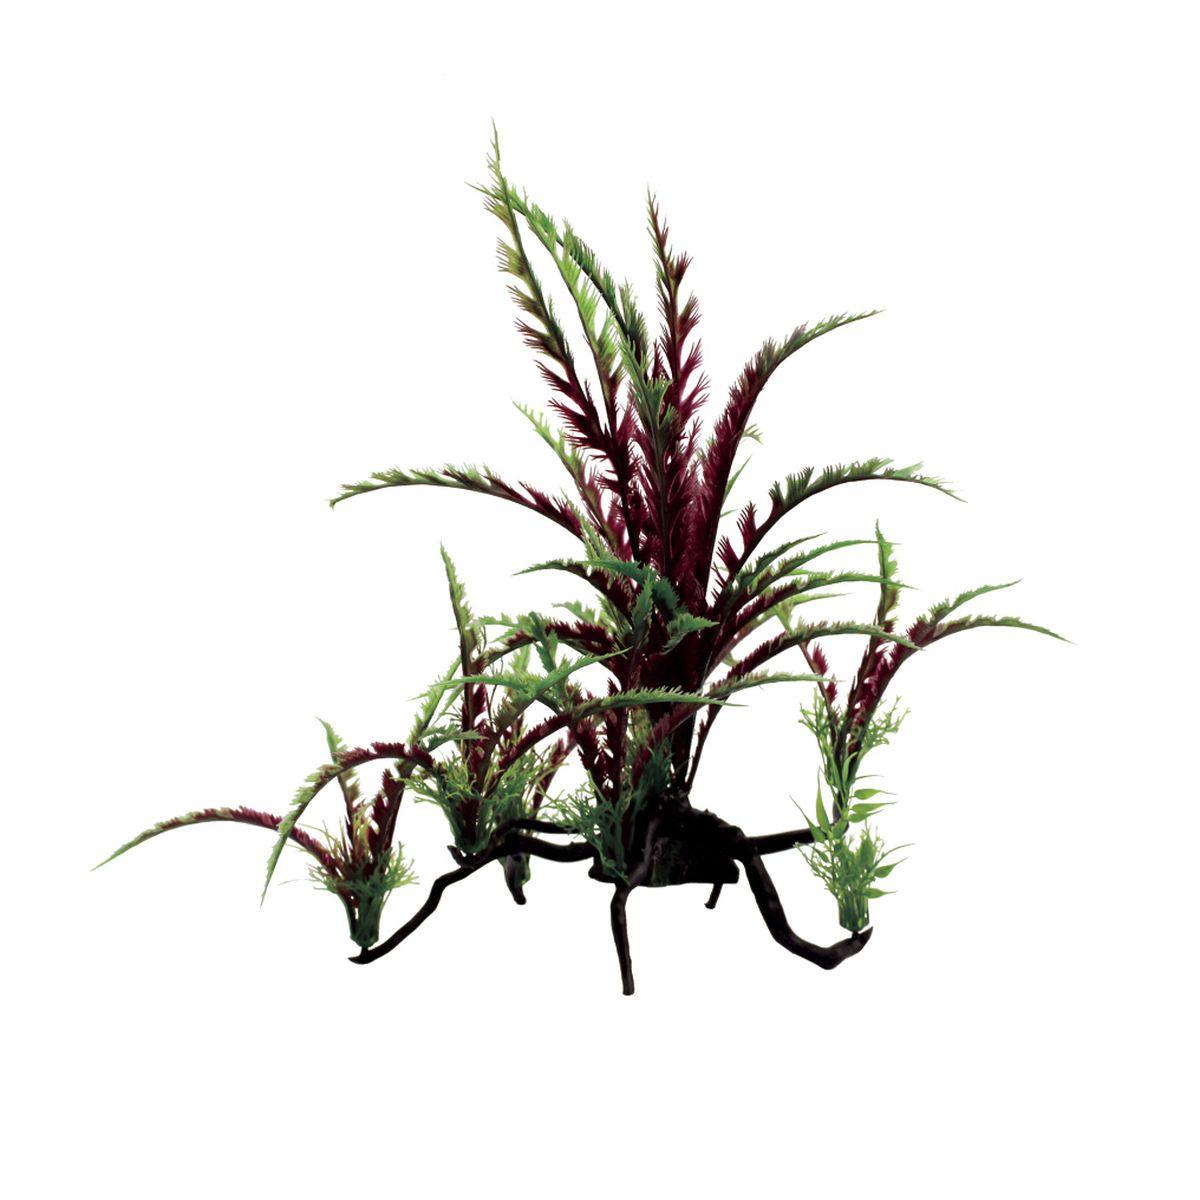 Композиция из растений для аквариума ArtUniq Дизиготека красная, 40 x 25 x 38 см0120710Композиция из искусственных растений ArtUniq превосходно украсит и оживит аквариум.Растения - это важная часть любой композиции, они помогут вдохнуть жизнь в ландшафт любого аквариума или террариума. Композиция является точной копией природного растения.